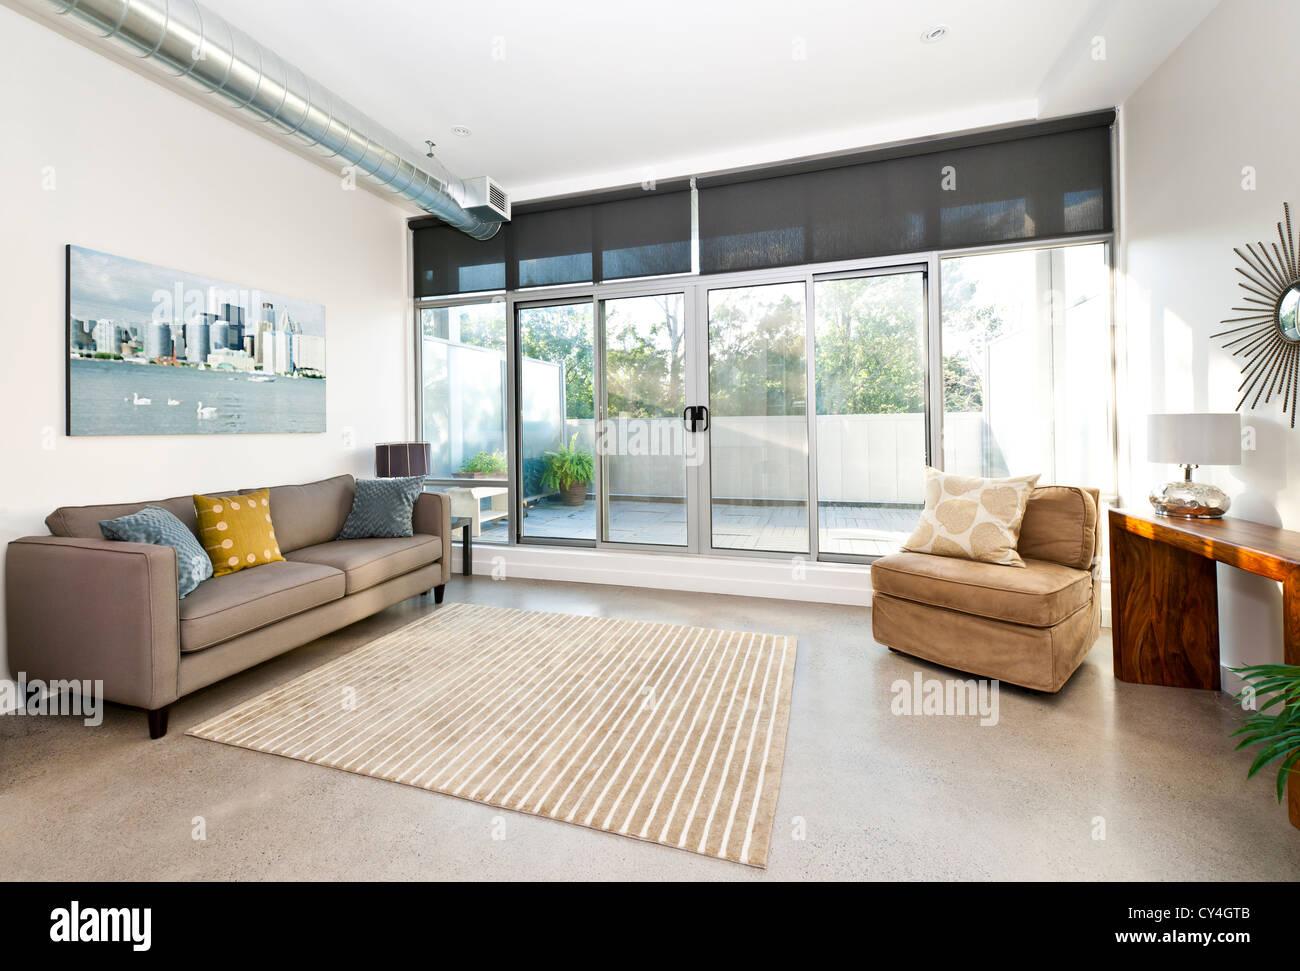 Salón con puerta corredera de cristal al balcón - ilustraciones de fotógrafo portfolio Imagen De Stock